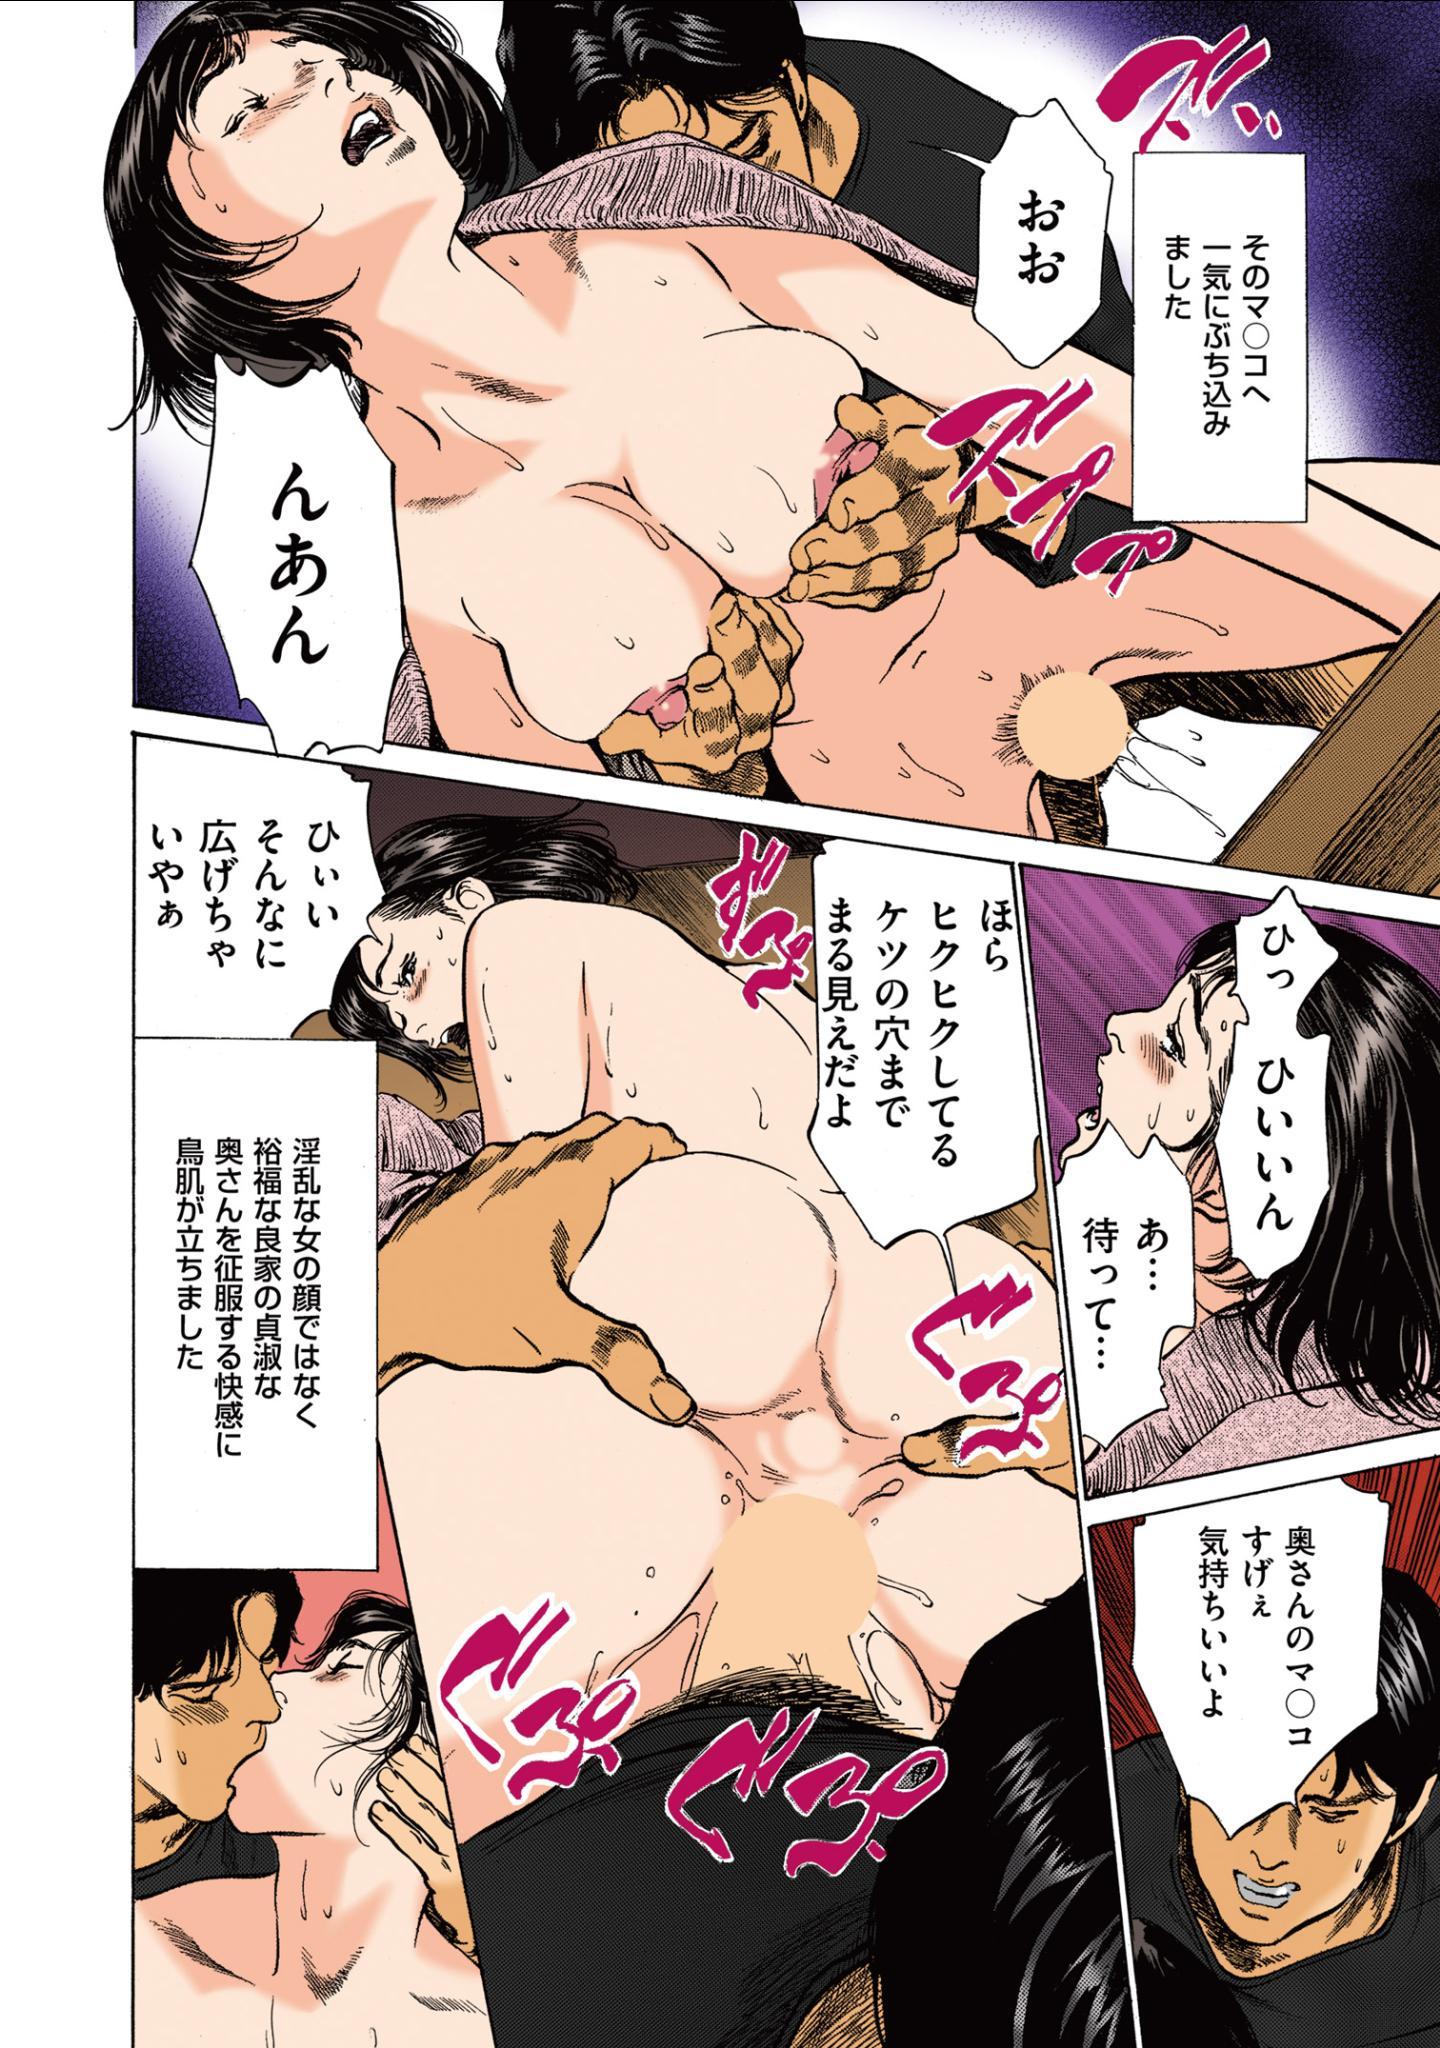 [Hazuki Kaoru] Hazuki Kaoru no Tamaranai Hanashi (Full Color Version) 1-2 95